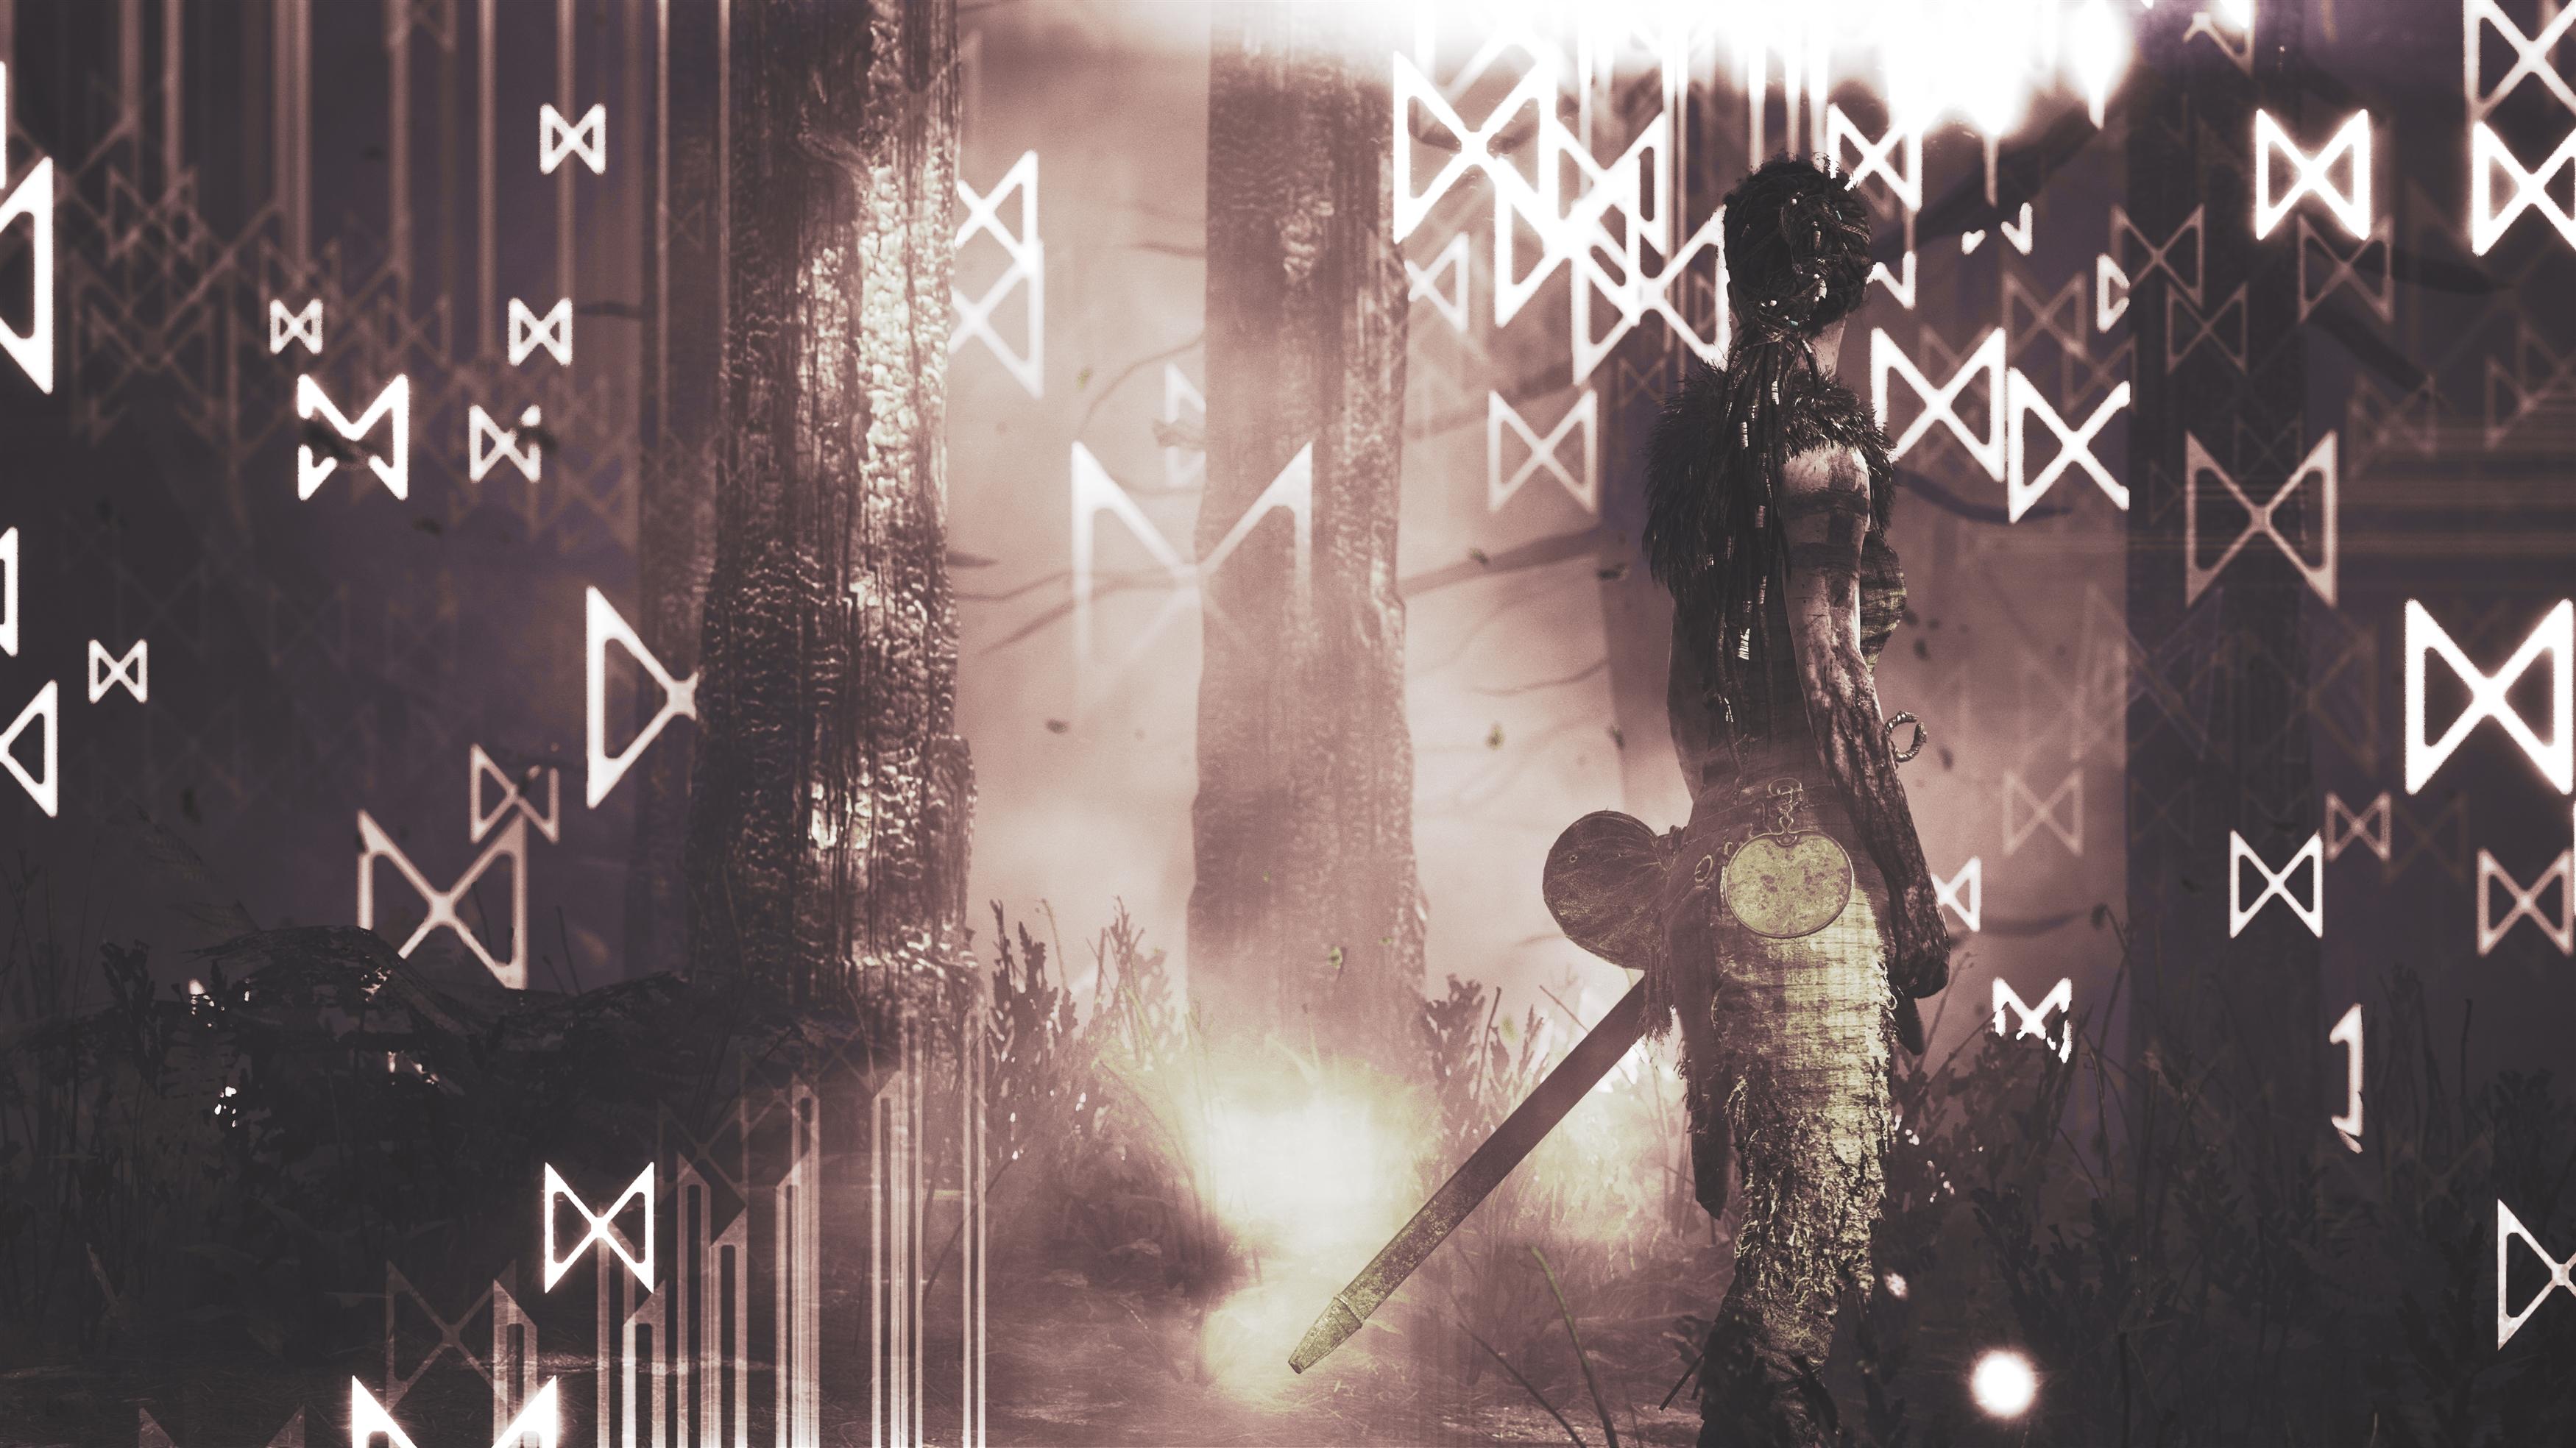 Hellblade senuas жертва игра обои скачать